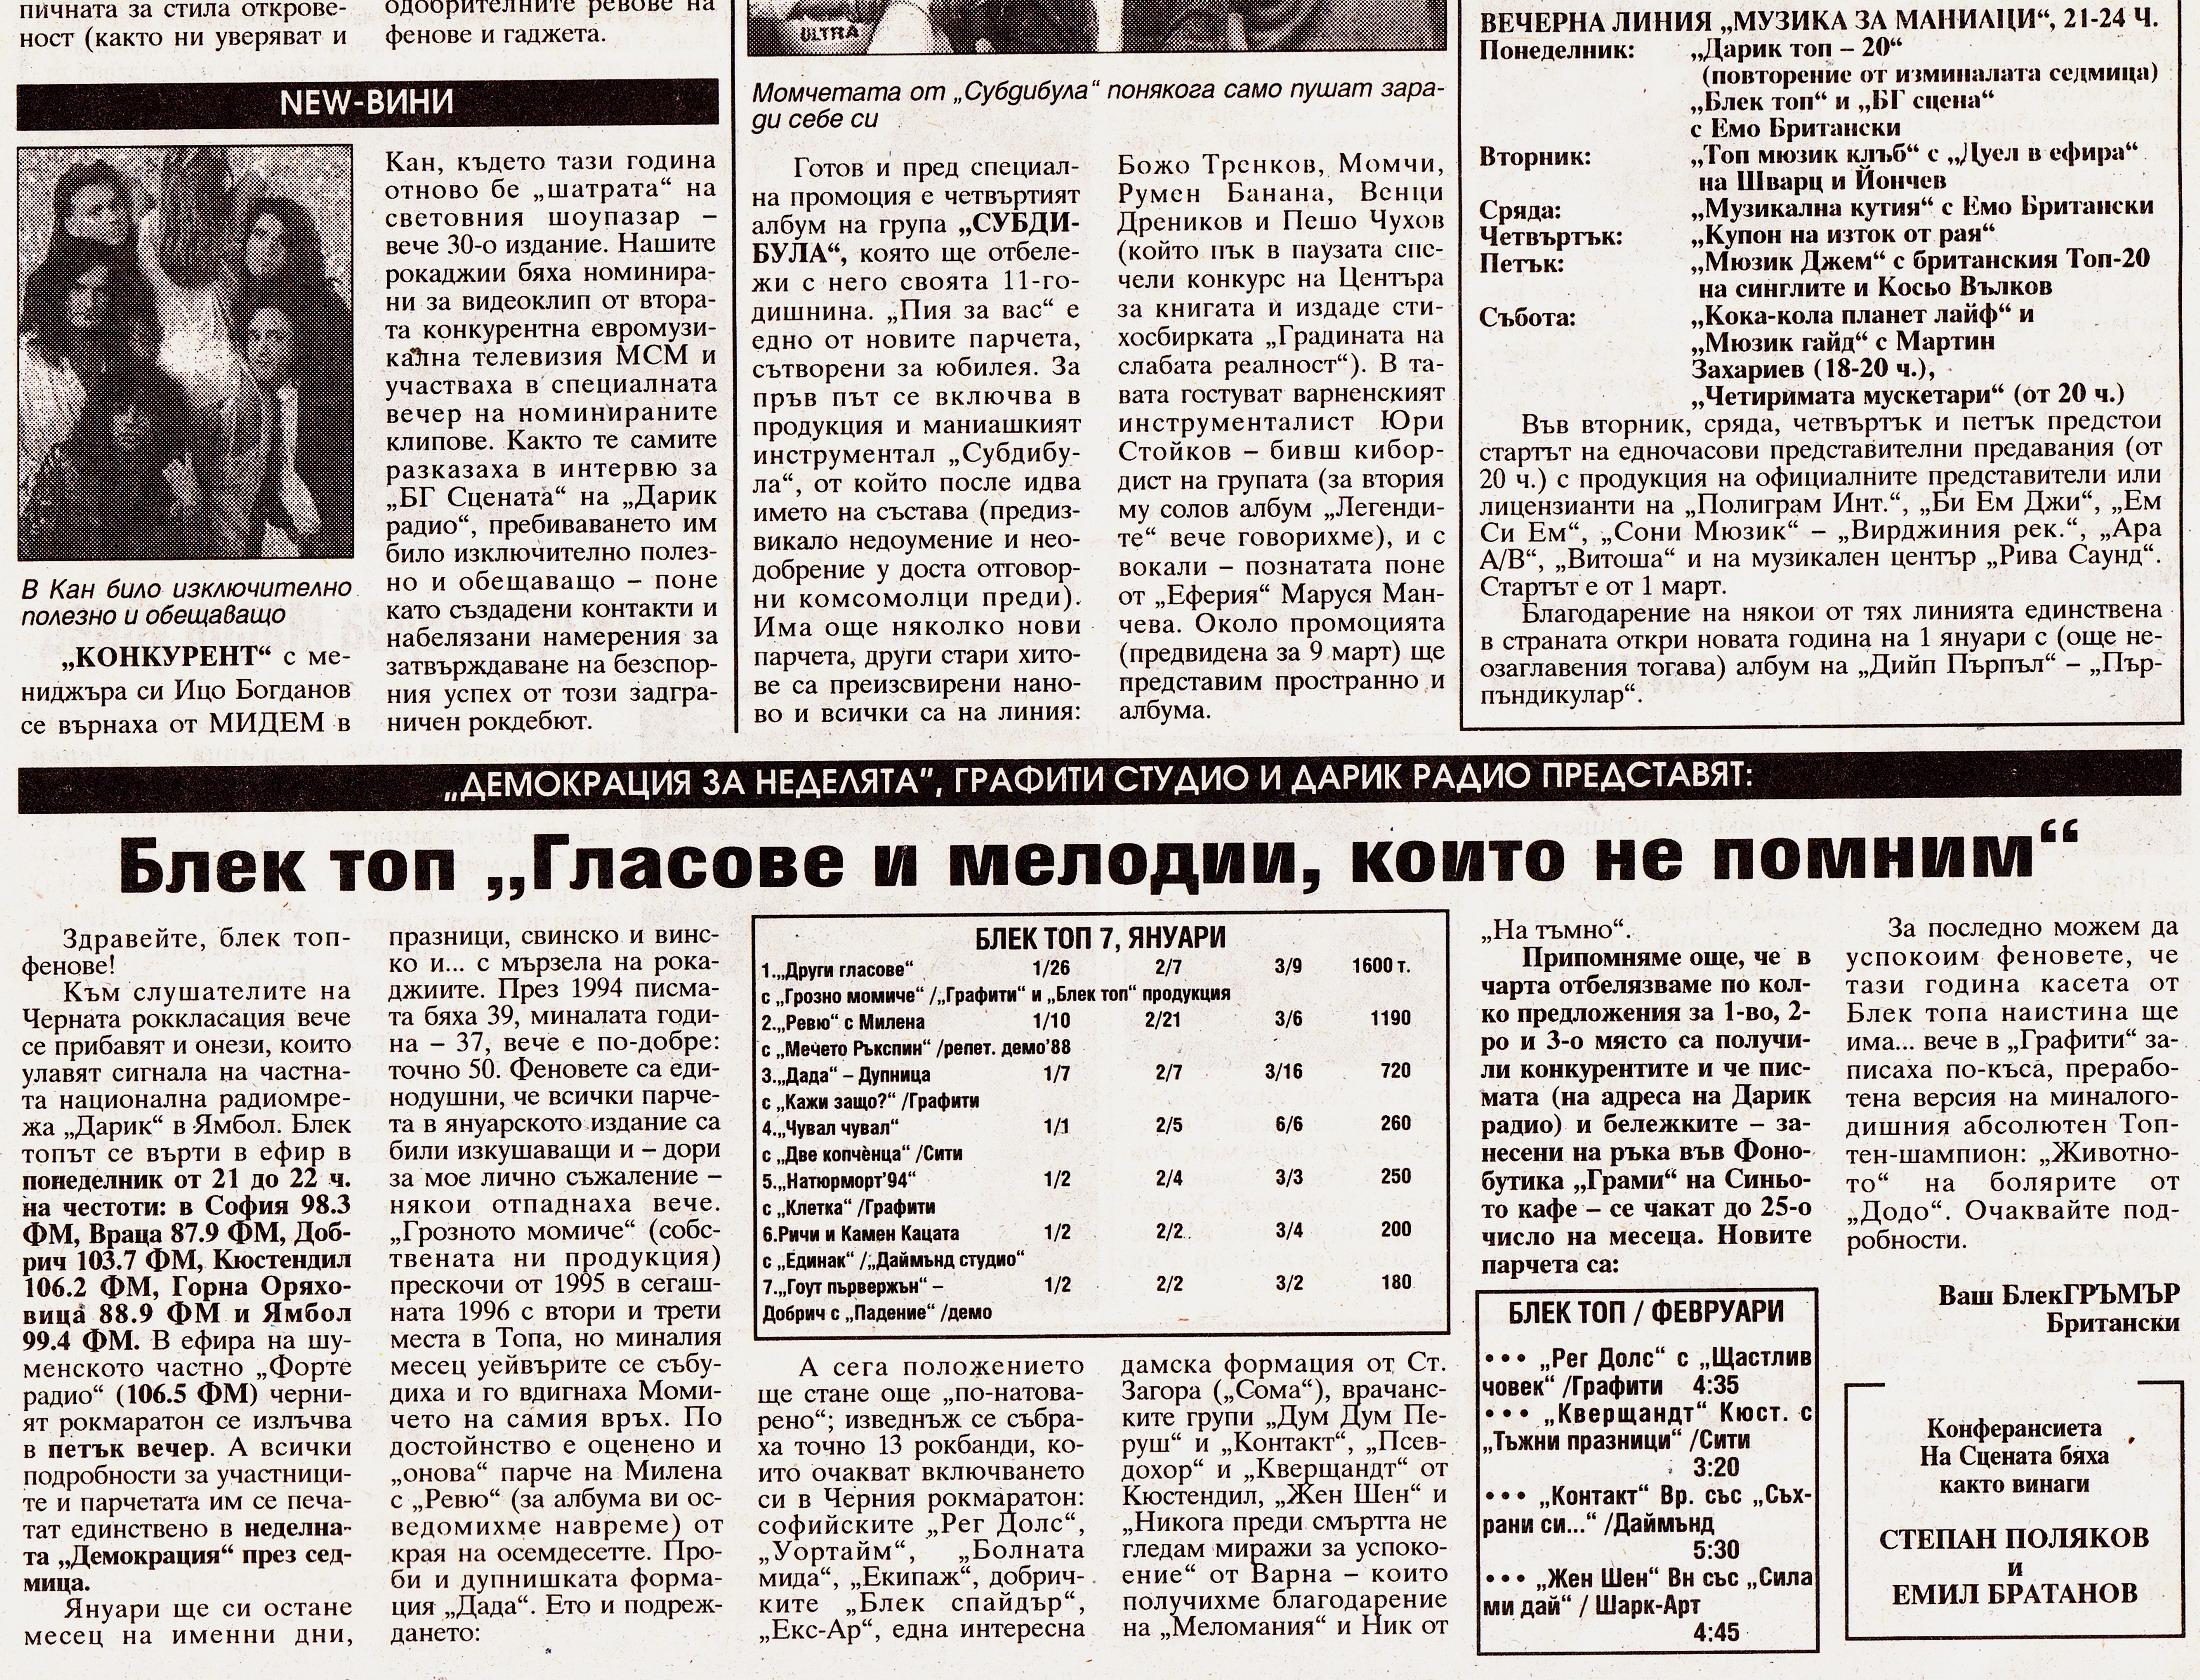 Блек Топ: текущо класиране януари 1996